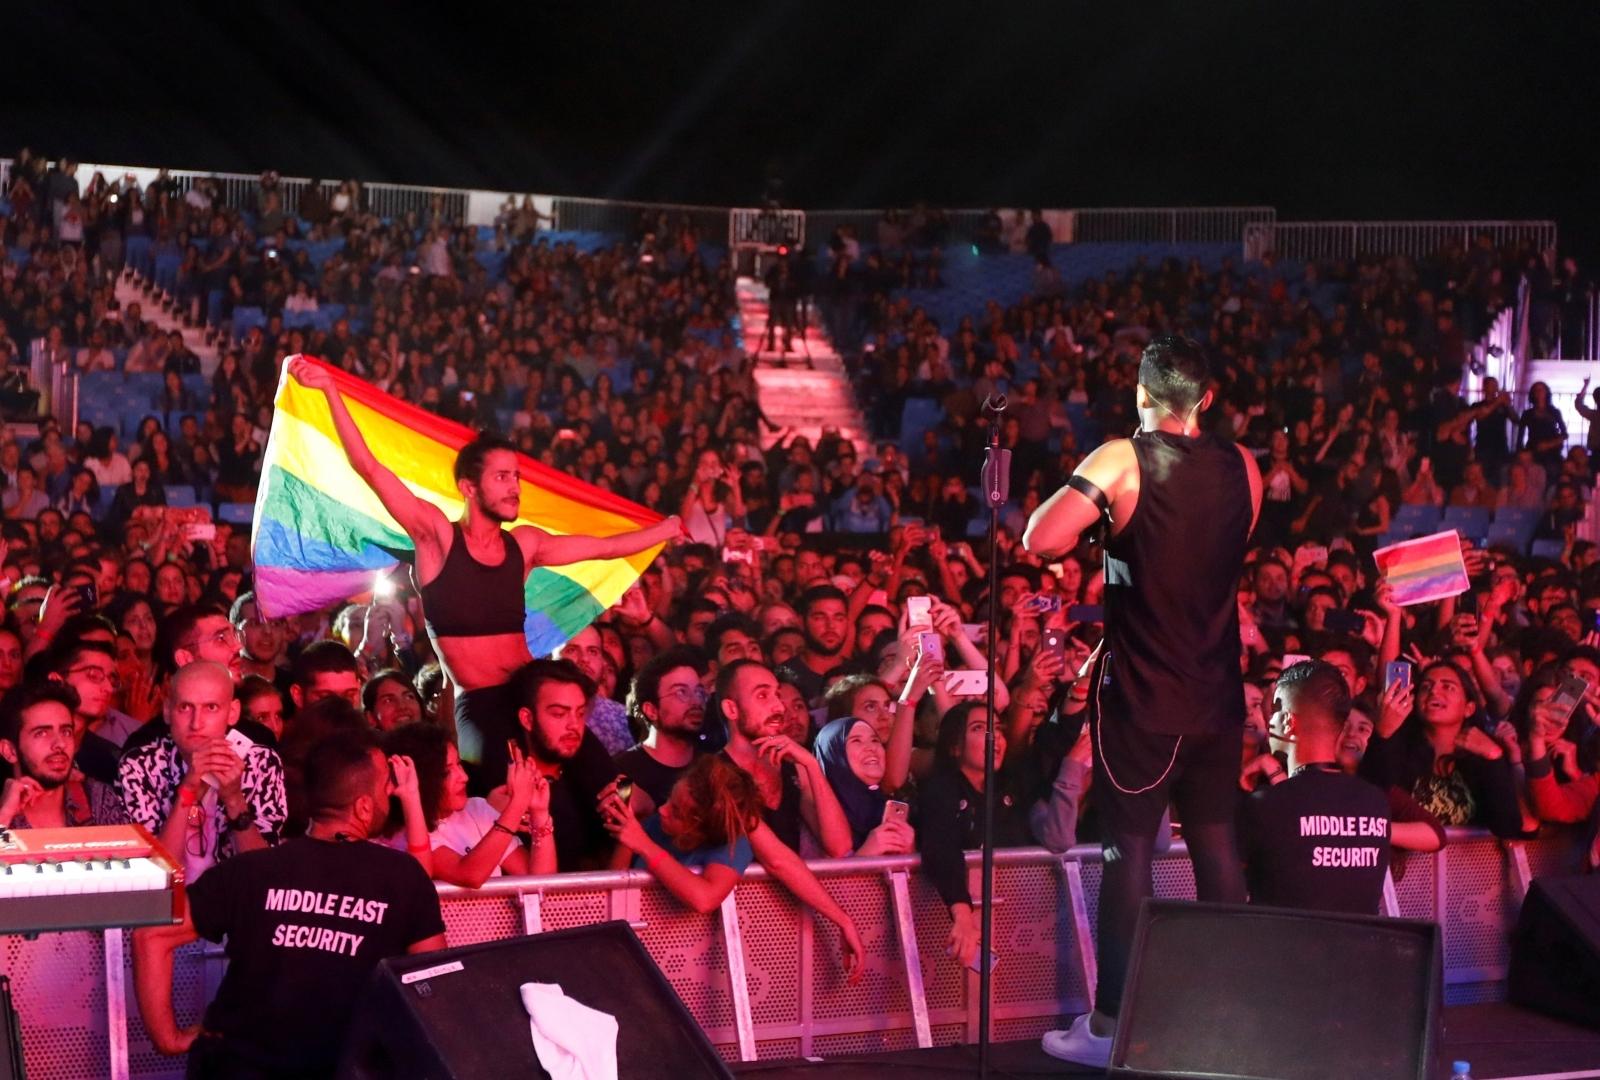 Mashrou' Leila show in Lebanon